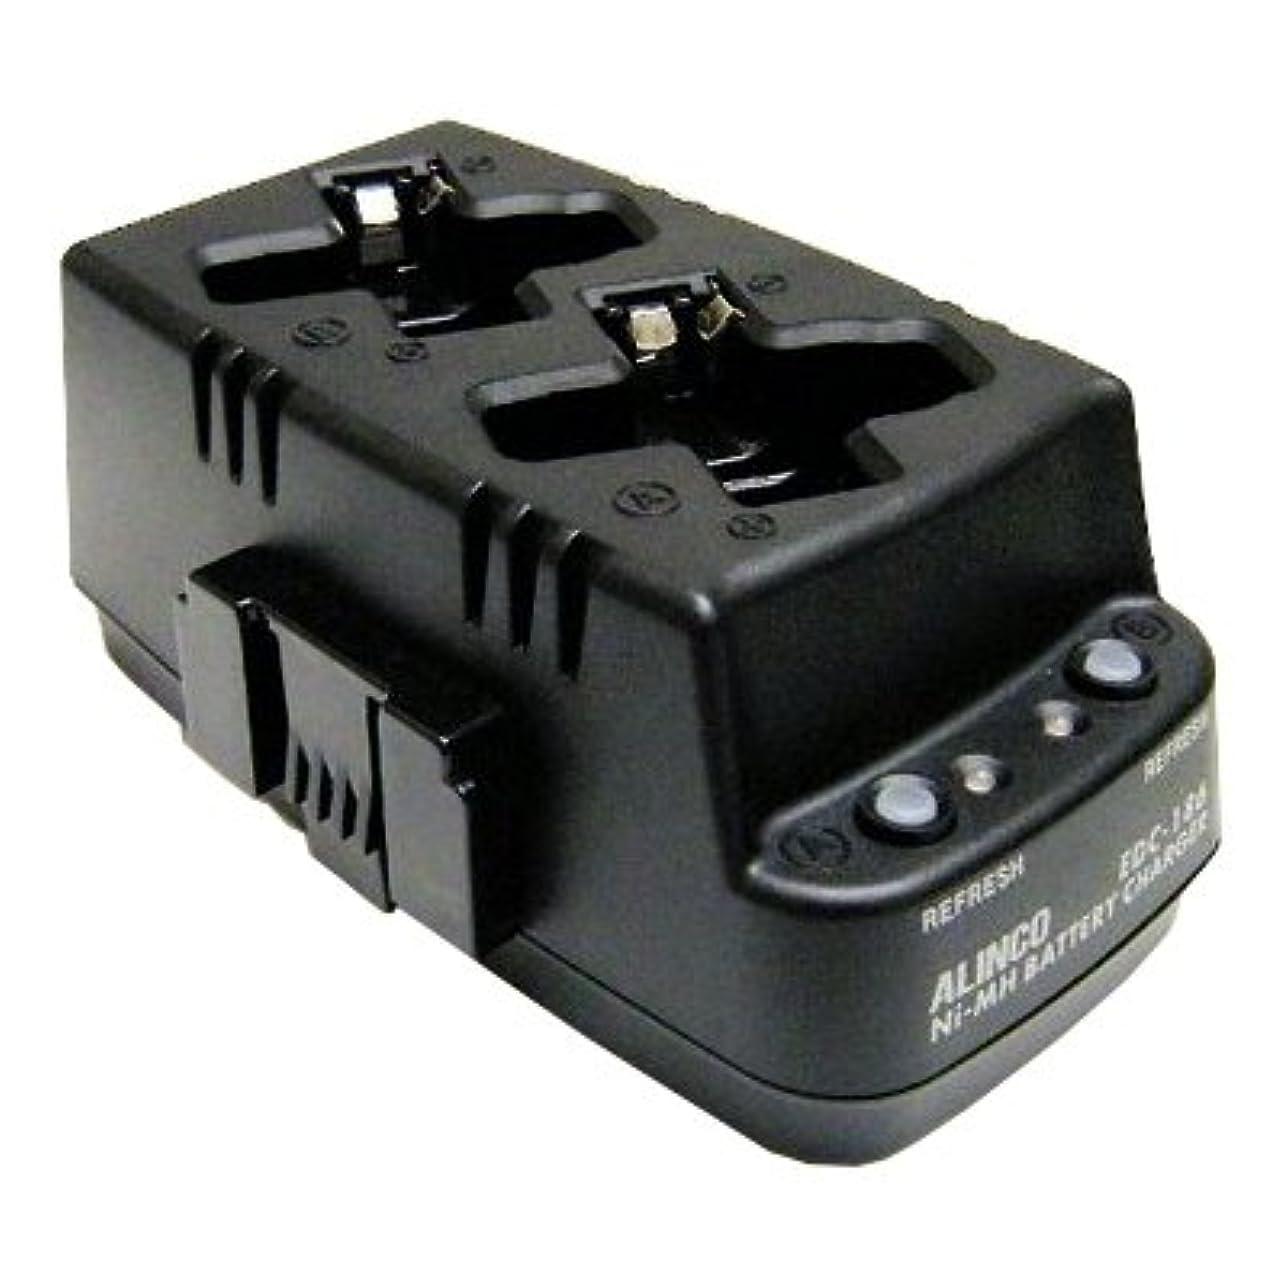 交通ハック経験者ALINCO アルインコ DJ-PX3/DJ-RX3用 ツイン充電器スタンド EDC-186R